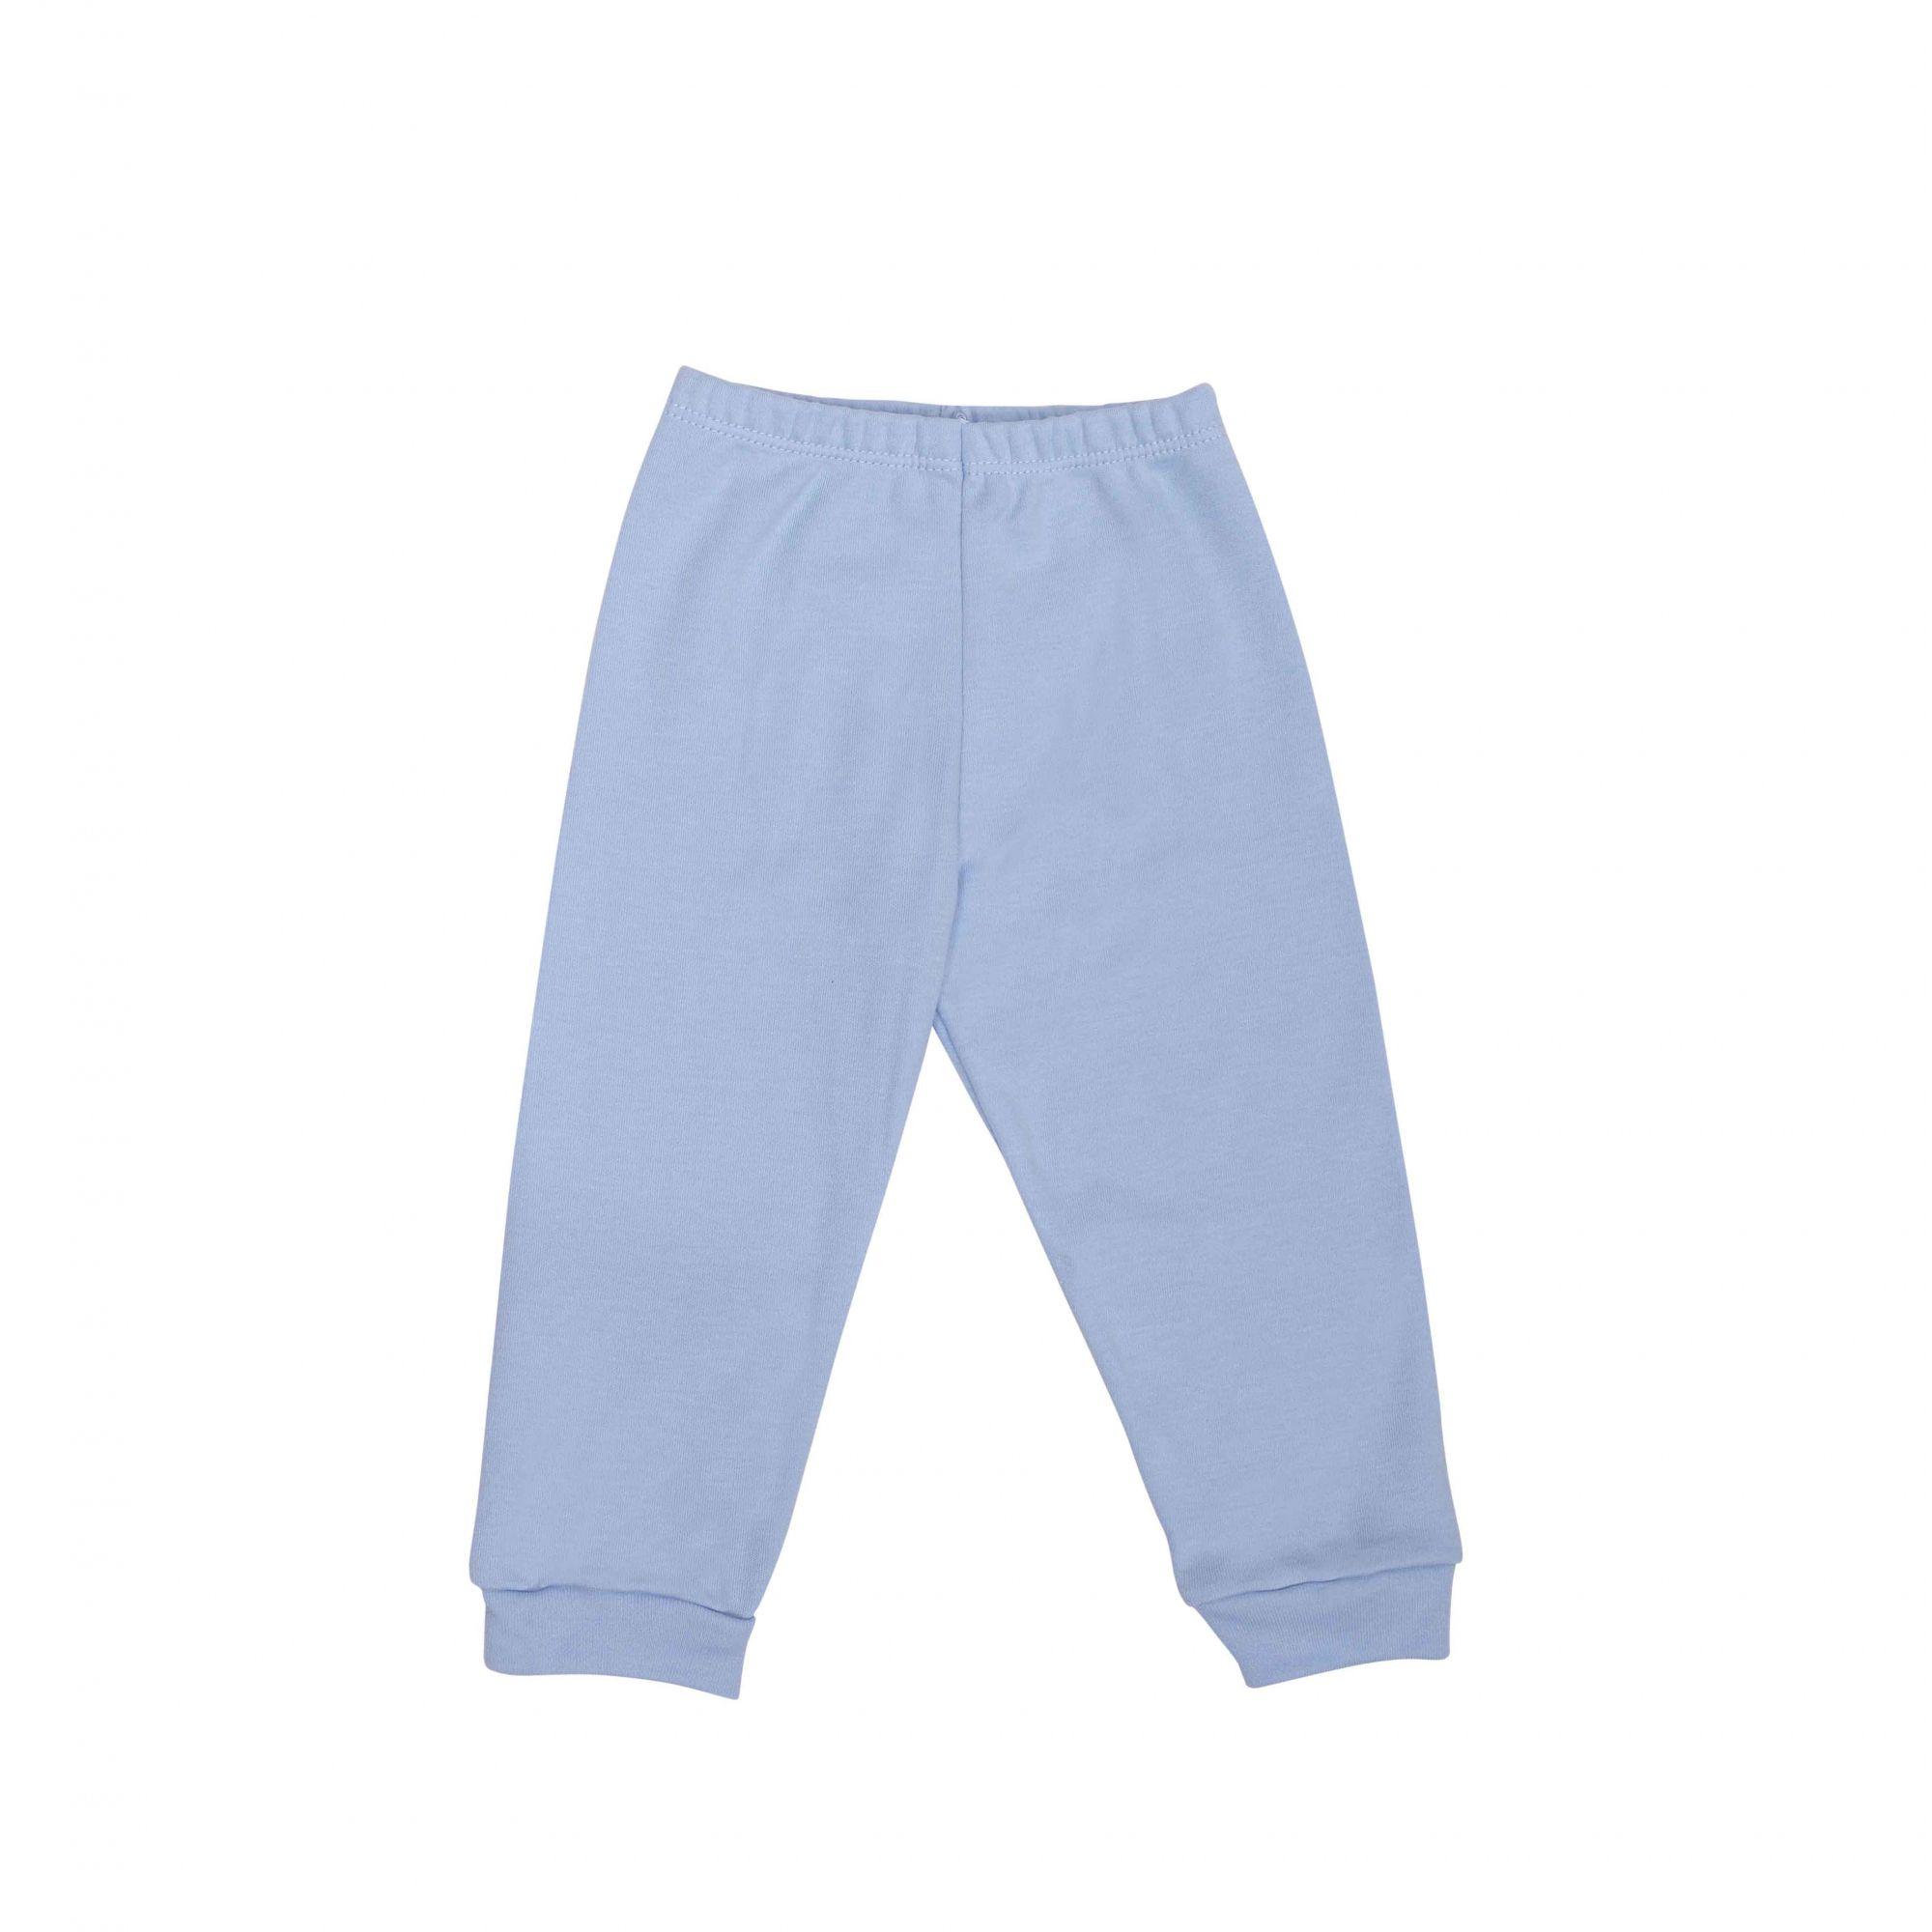 Kit Pijama Body Manga Curta e Calça Azul